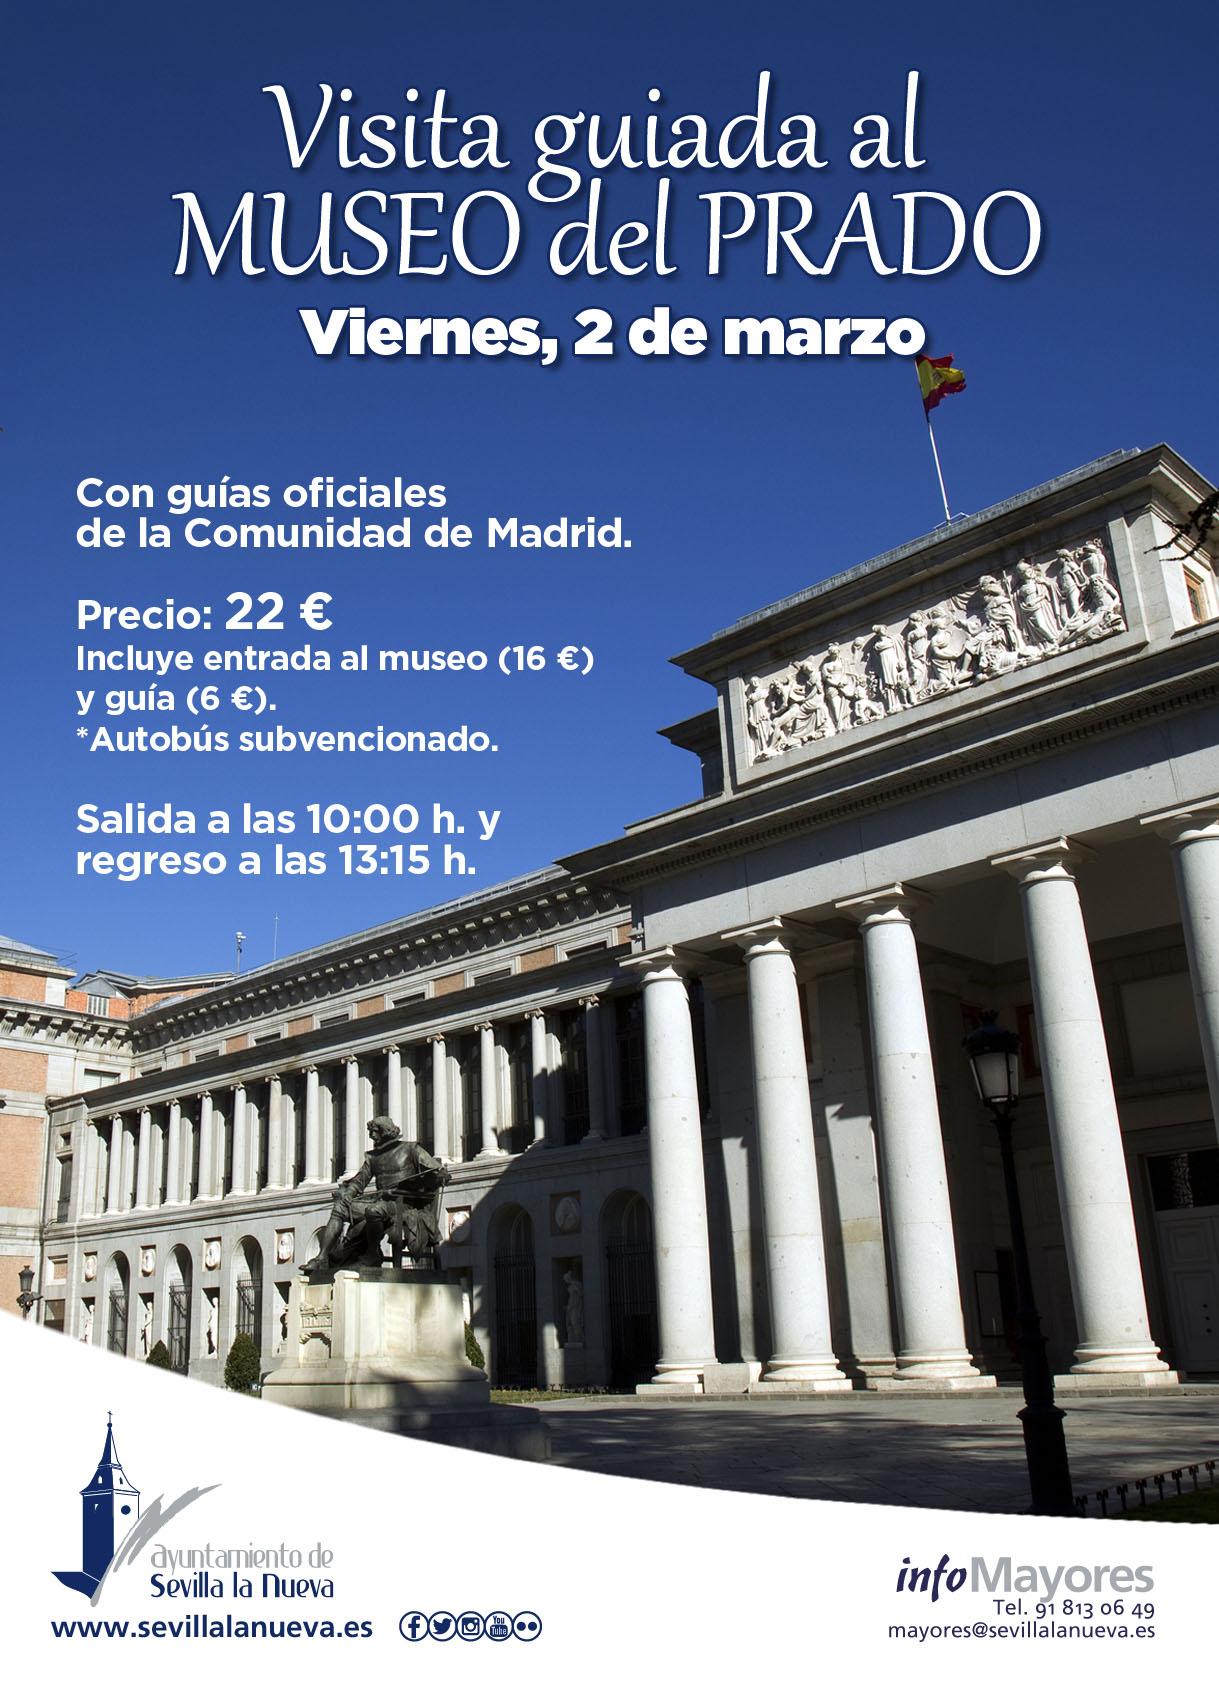 Visita guiada al Museo de Prado @ Museo del Prado